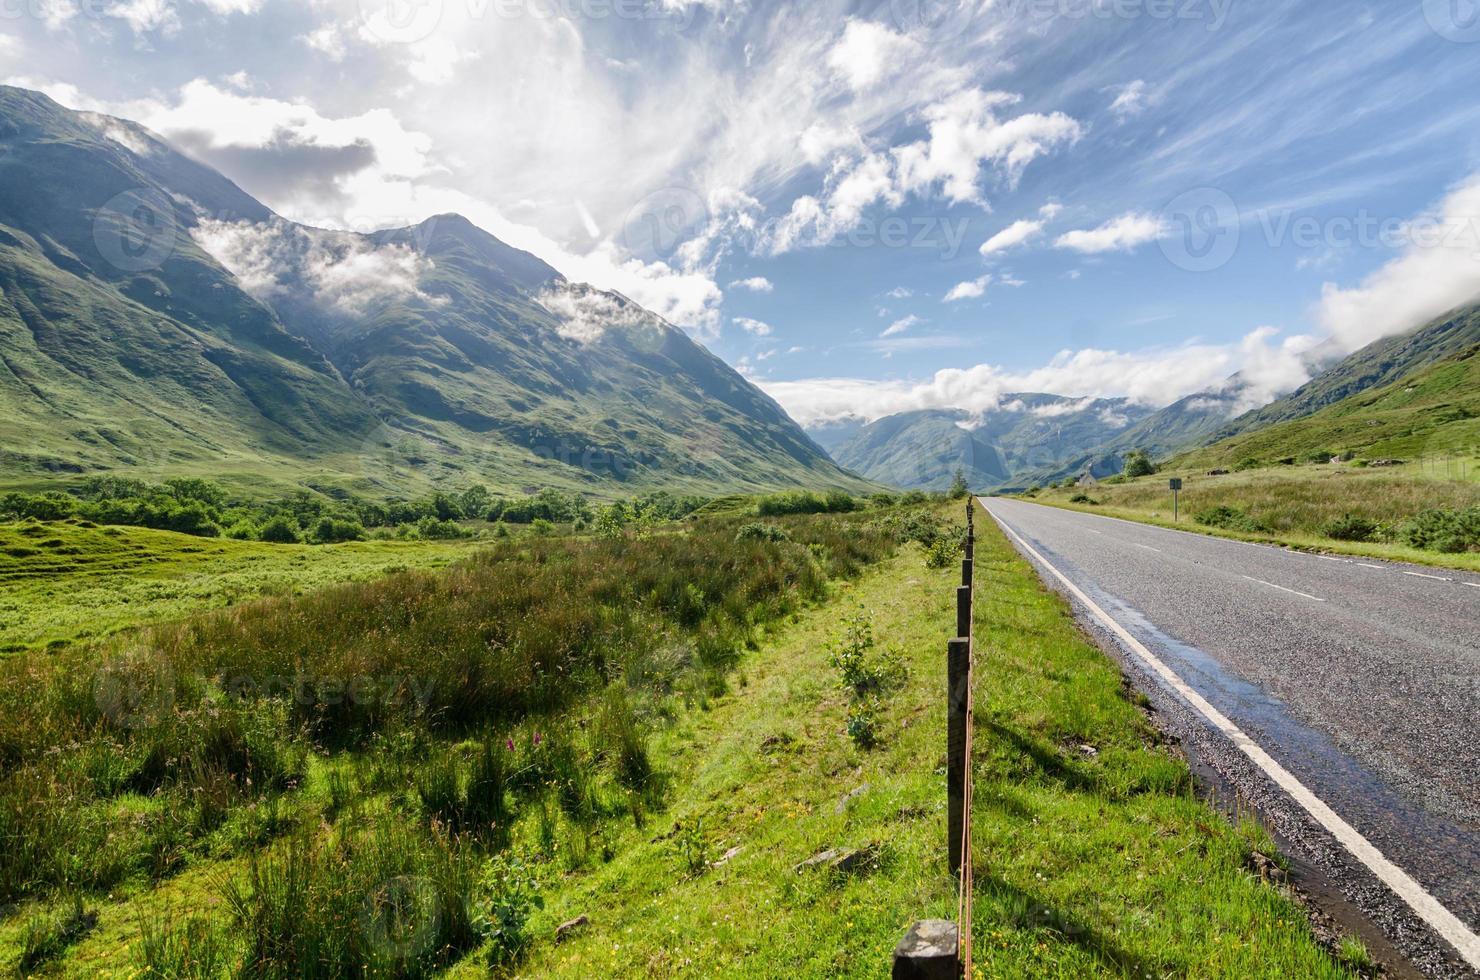 paesaggio scozzese degli altopiani di montagna foto